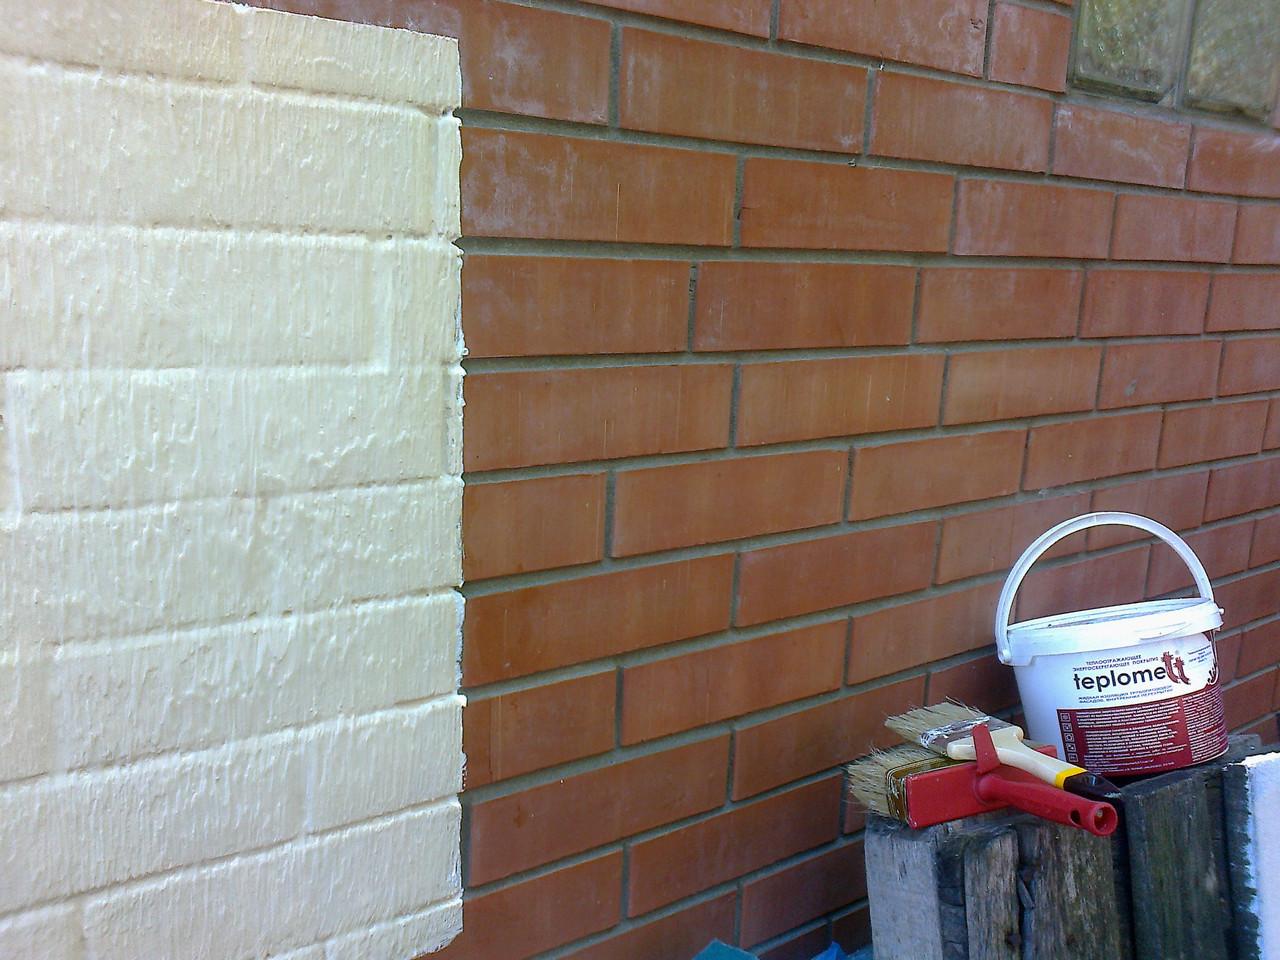 Теплоизоляционная краска на стене